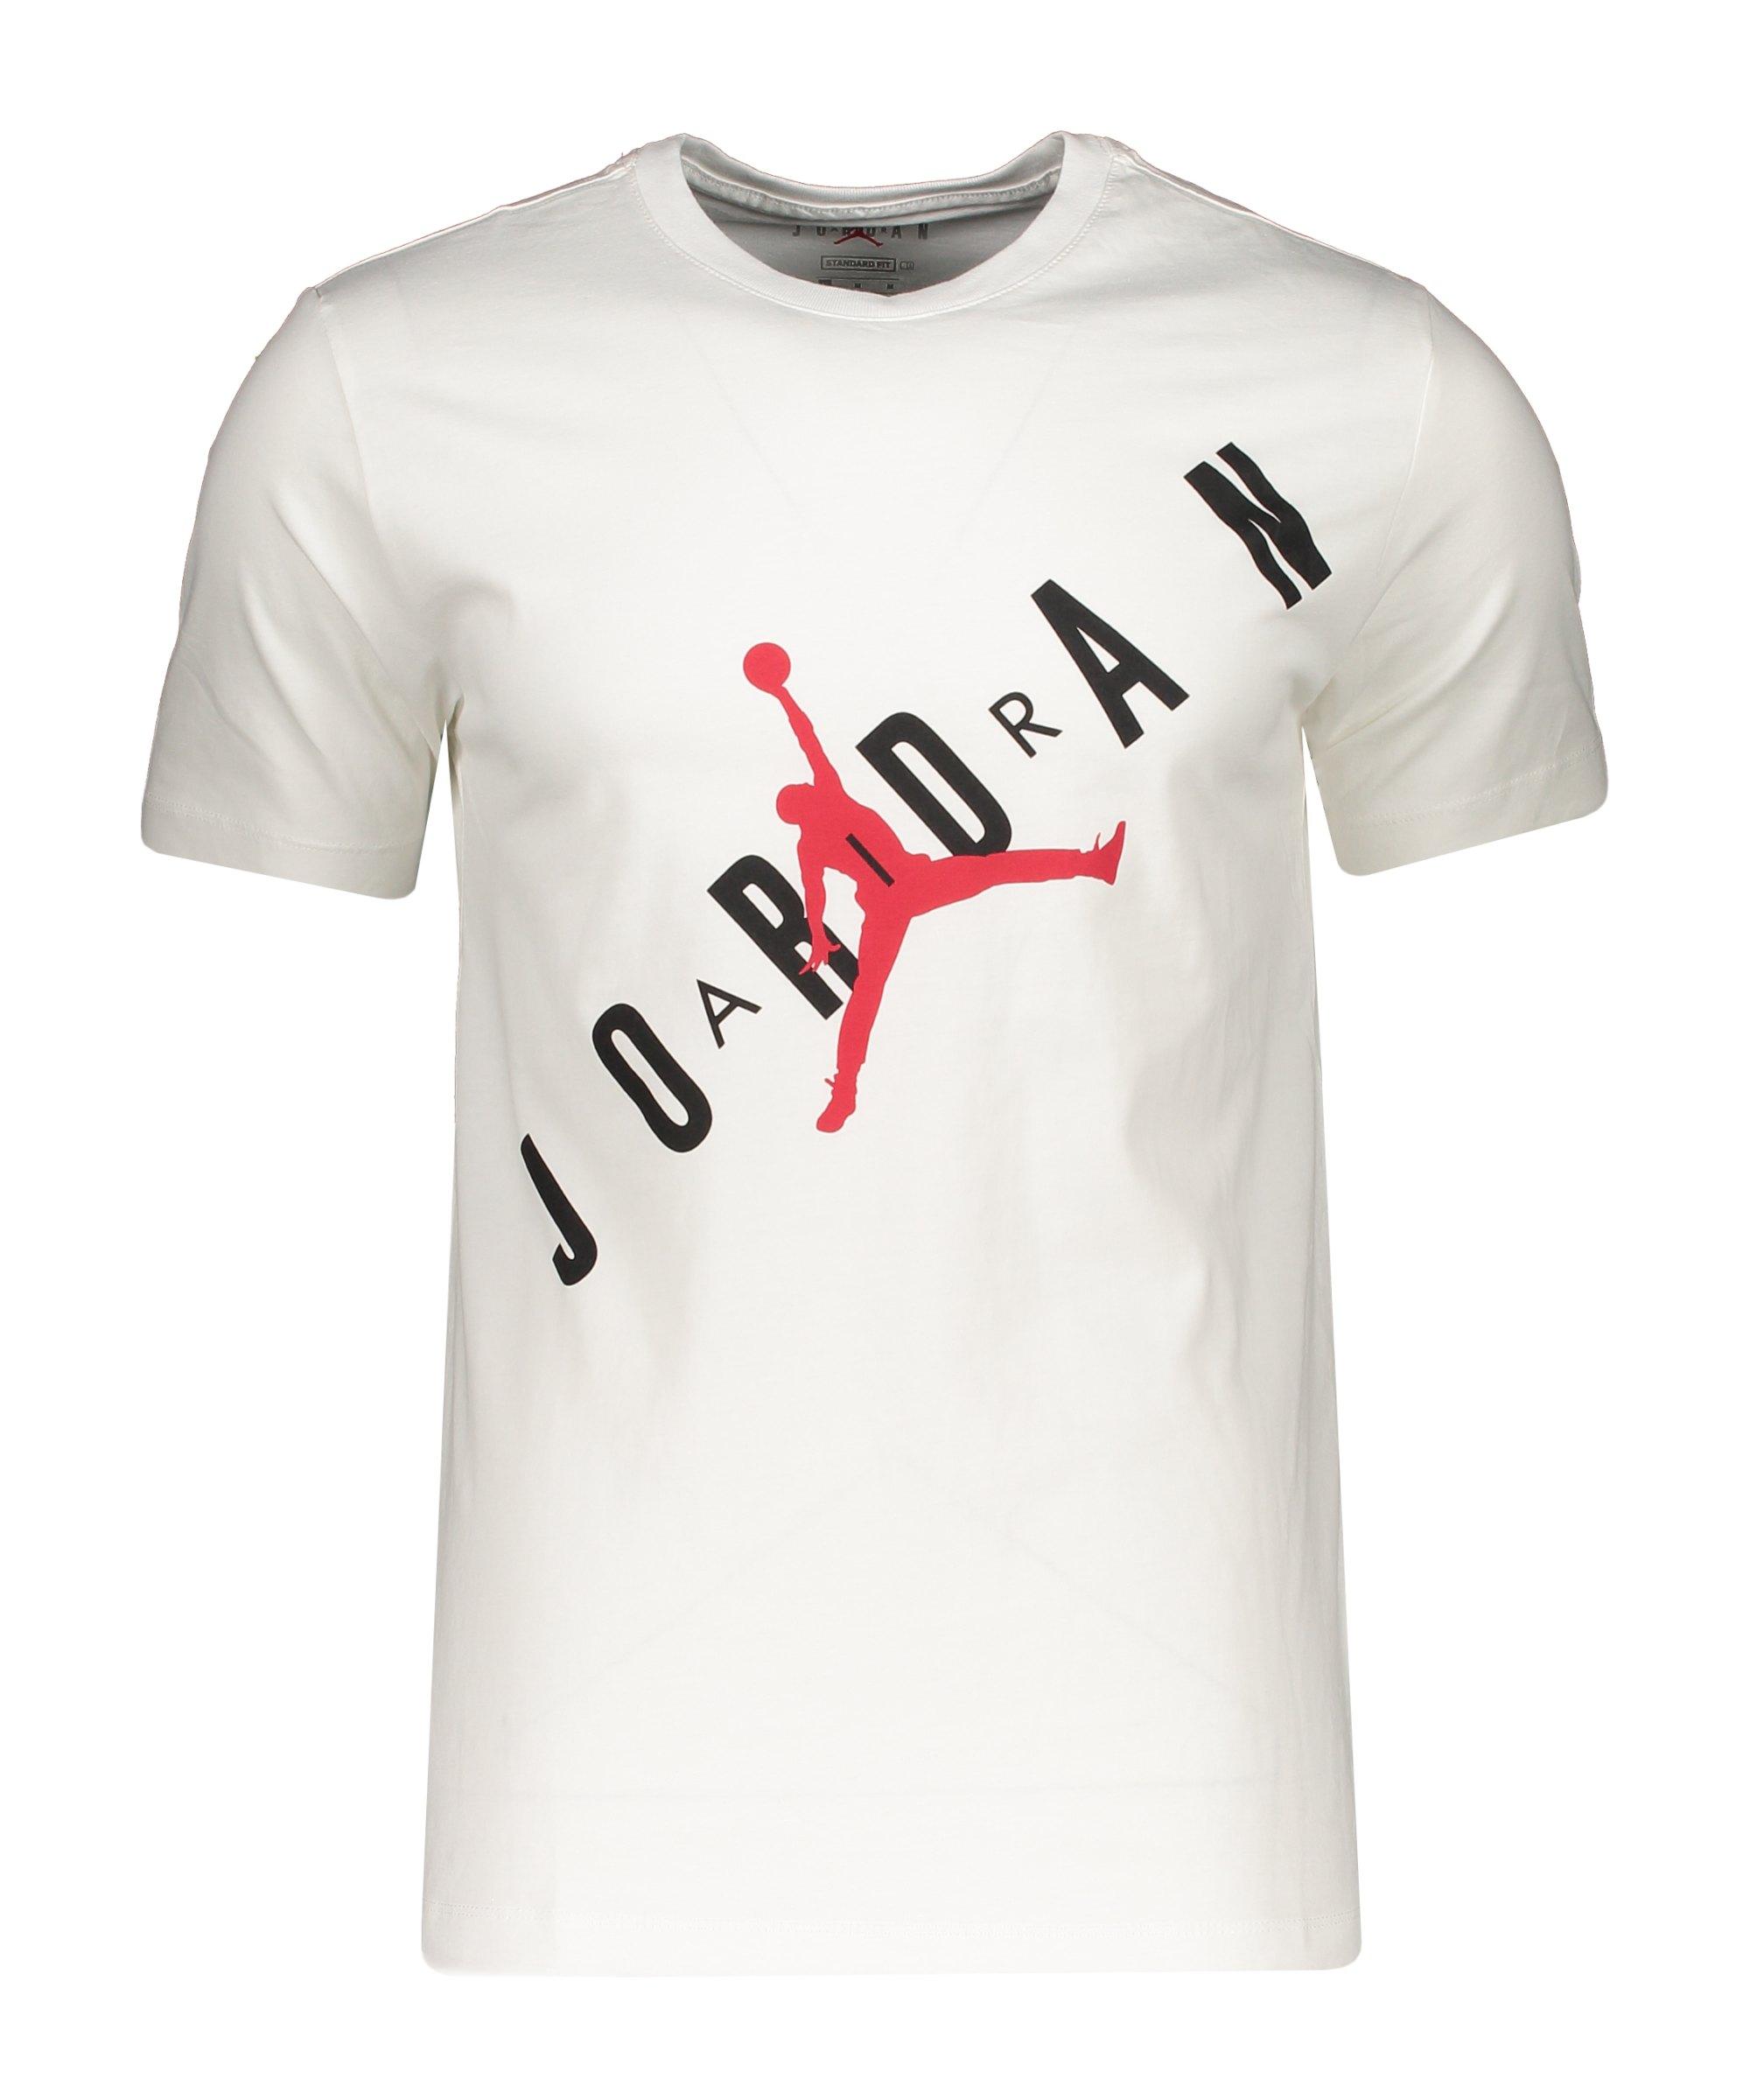 Jordan HBR T-Shirt Weiss Schwarz F100 - weiss